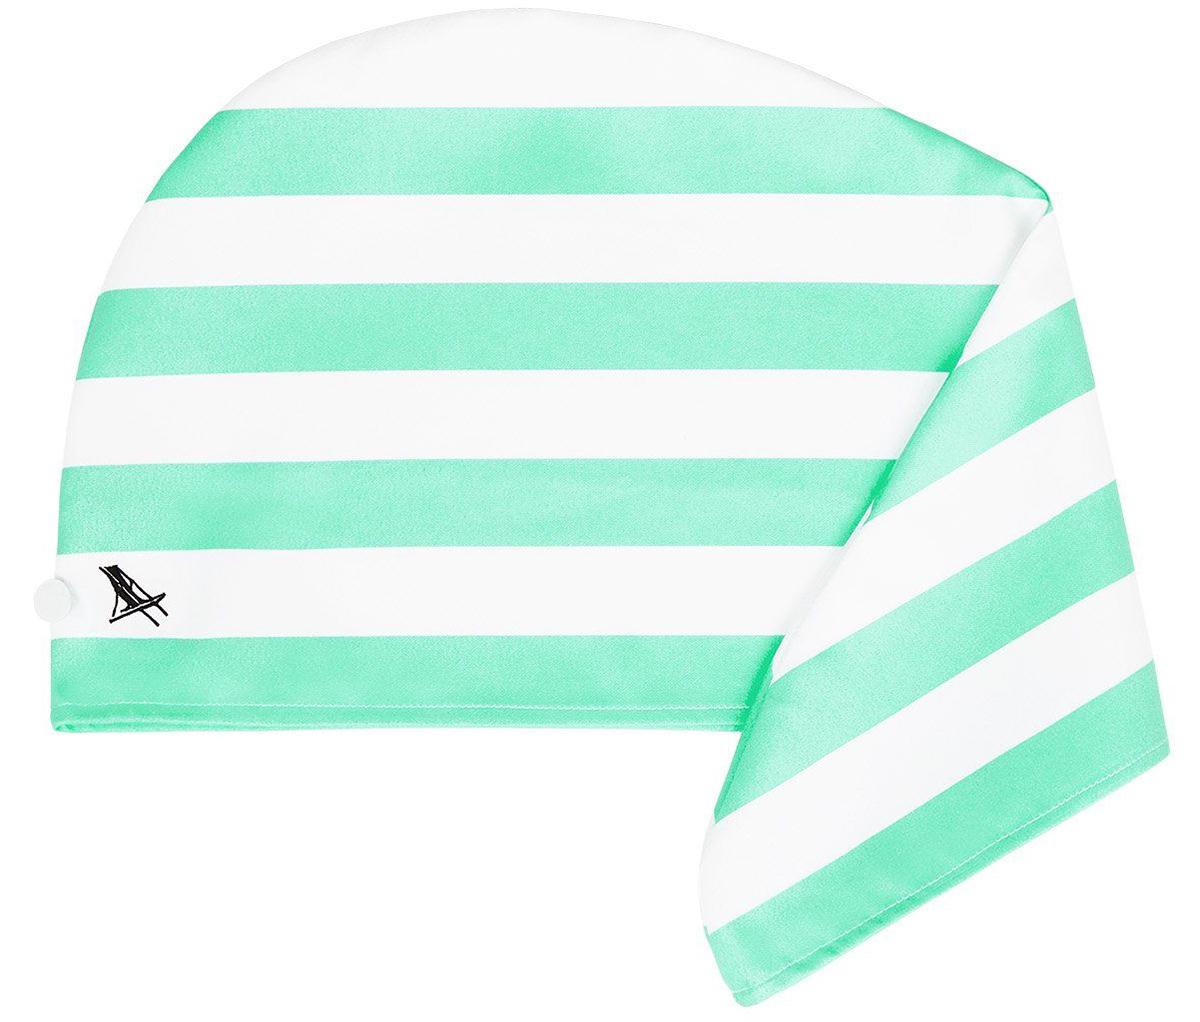 シドニー・ナラビーンビーチの緑(Narrabeen Green)|水をサッと吸収、髪が素早く乾くマイクロファイバー製のカラフルタオル(ヘアラップ)|DOCK & BAY